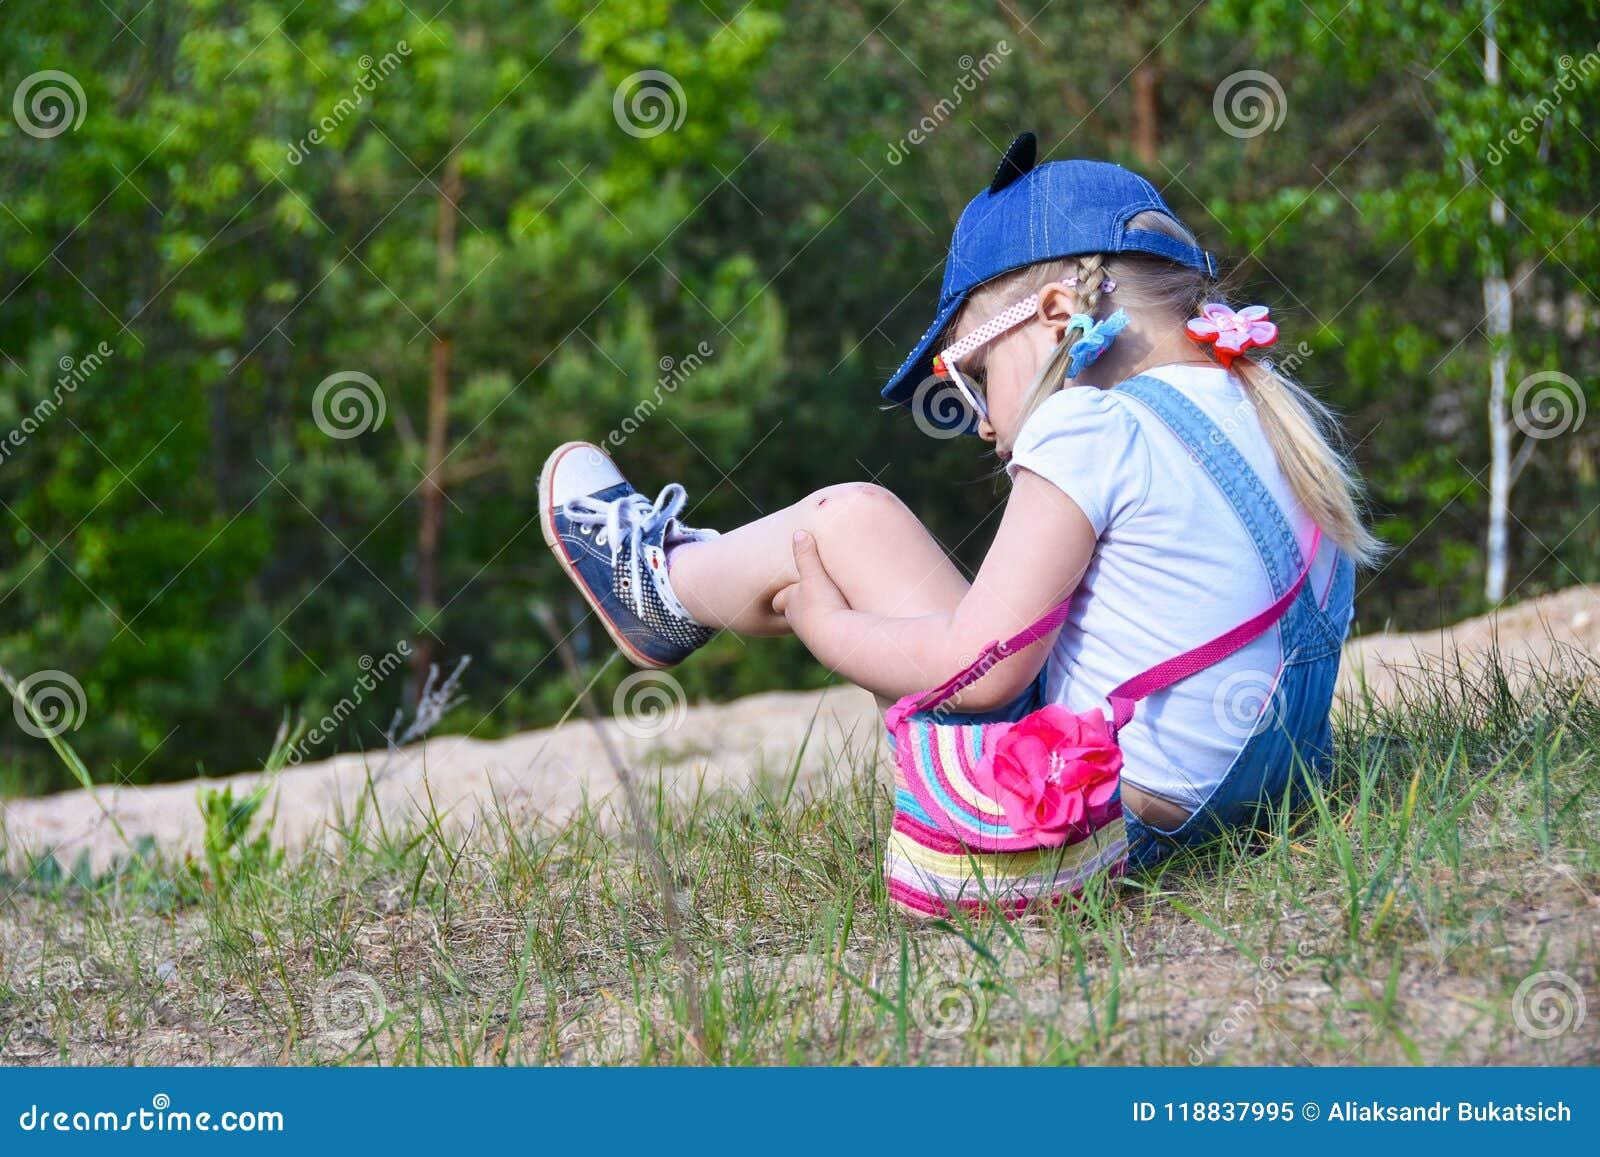 一个小女孩在领域的街道上跌倒了,抓了她的膝盖并且握她的腿